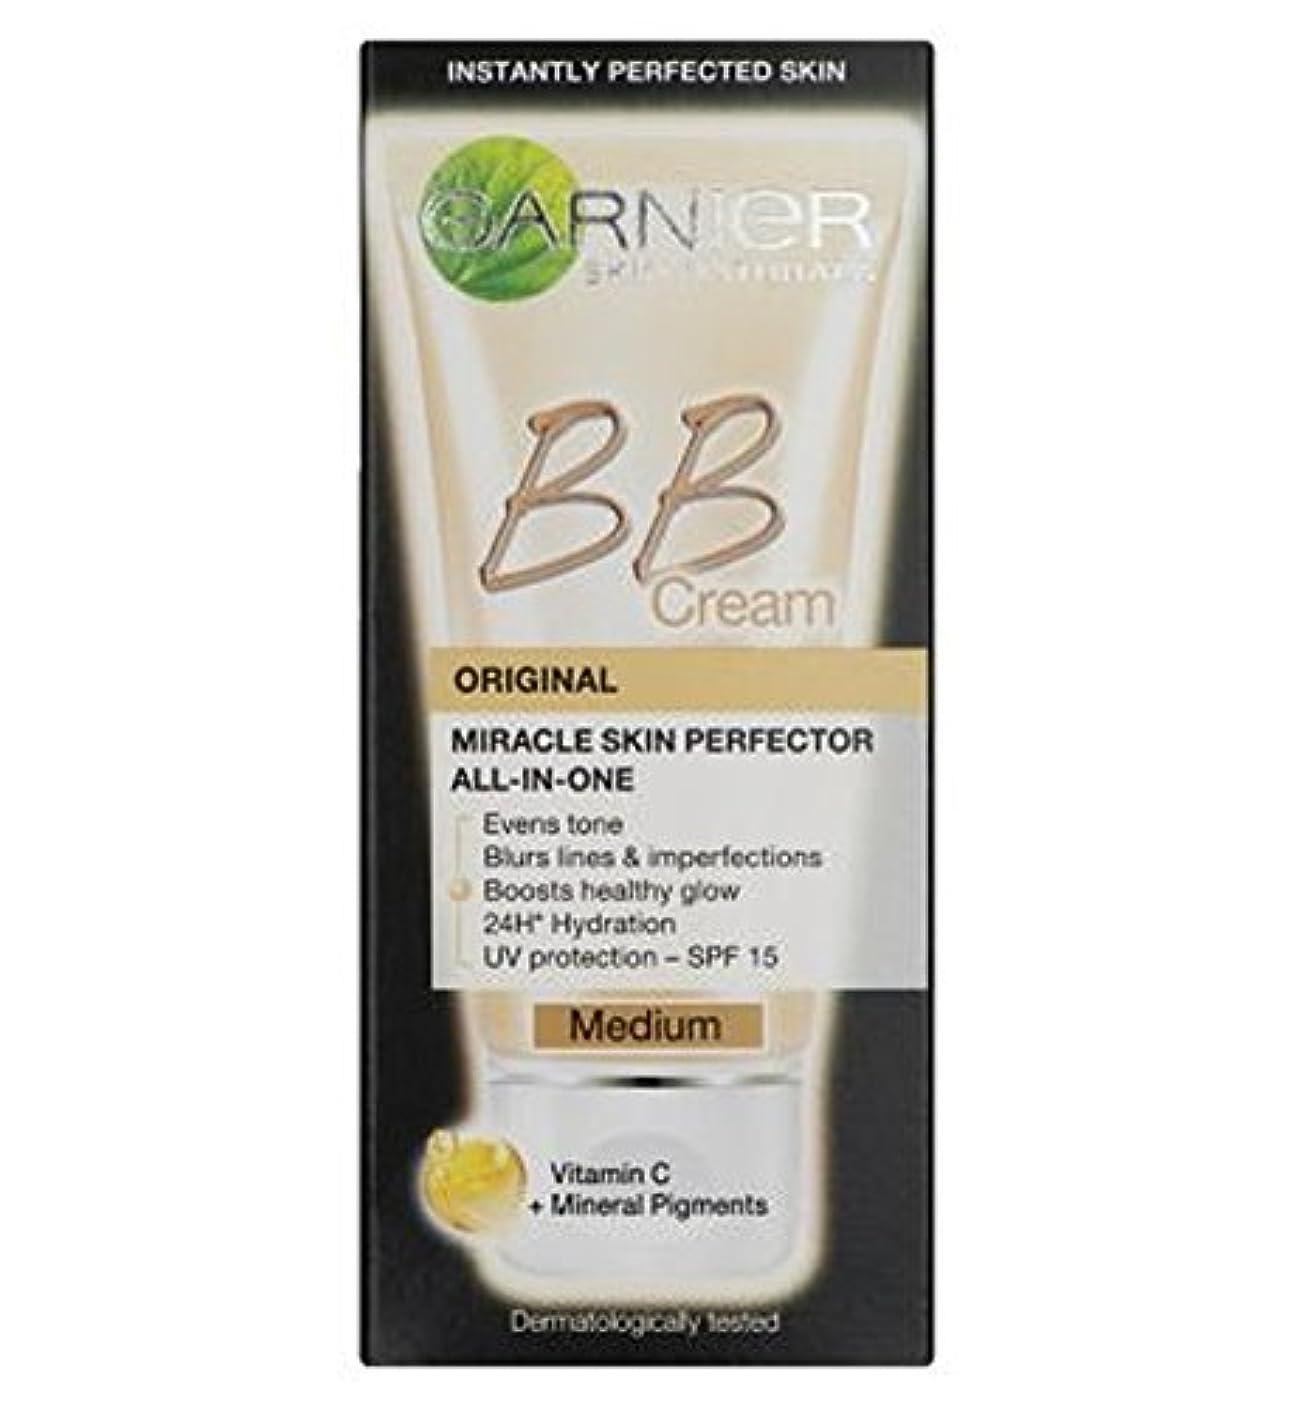 イルバレーボール満州毎日オールインワンB.B.ガルニエスキンパーフェク傷バームクリーム培地50ミリリットル (Garnier) (x2) - Garnier Skin Perfector Daily All-In-One B.B. Blemish...